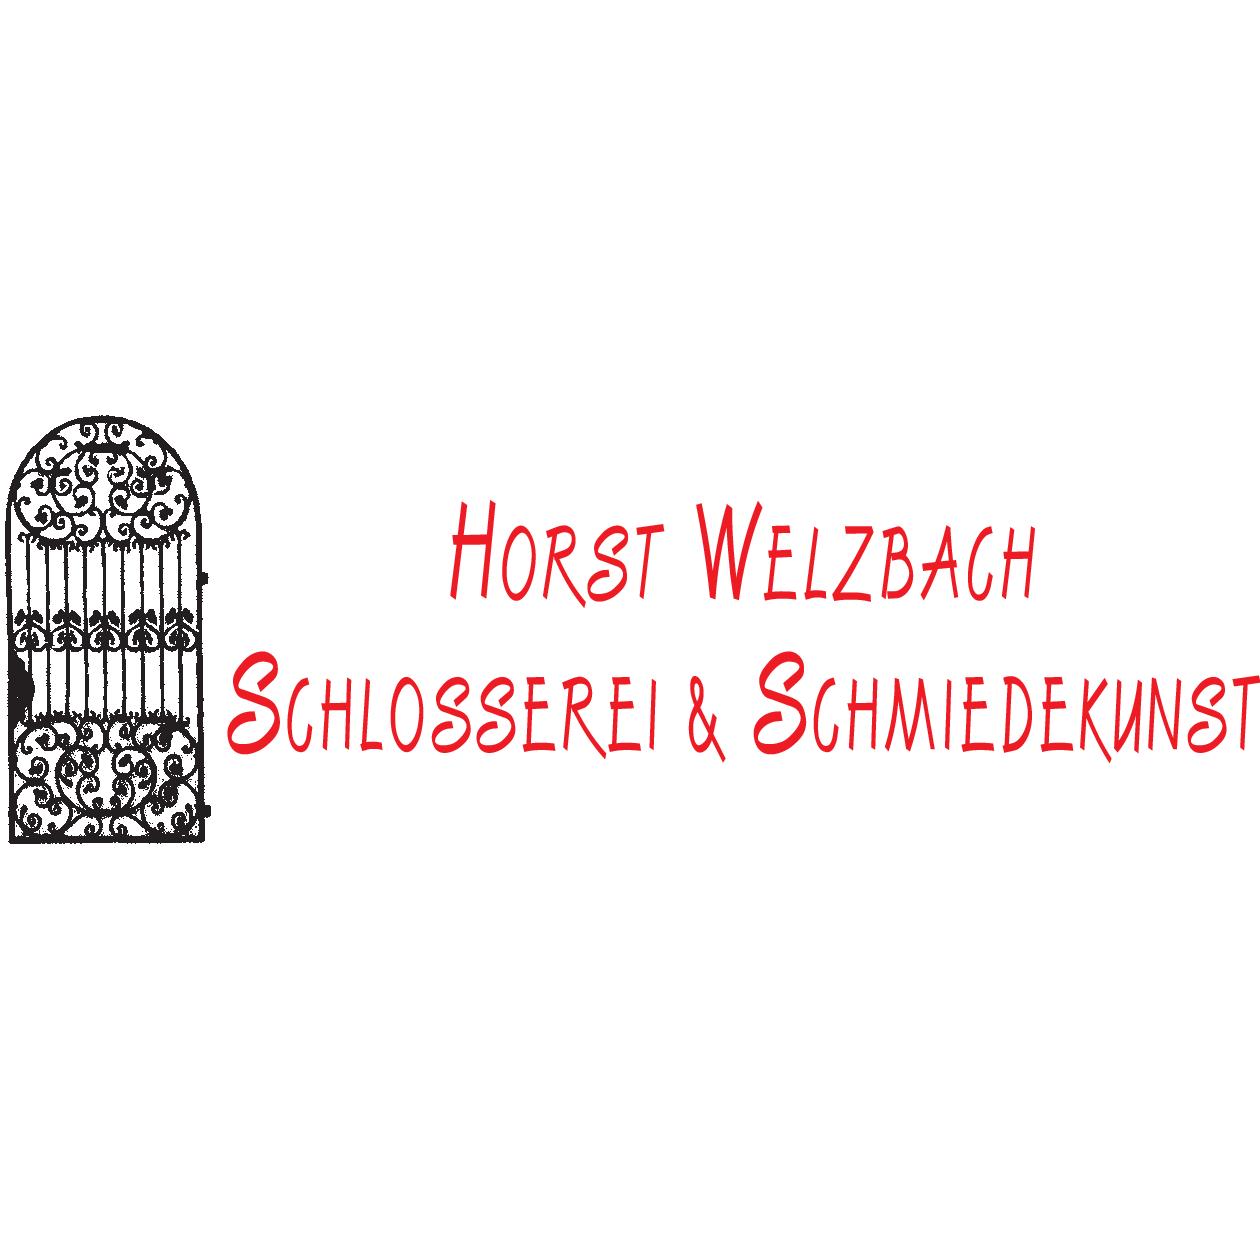 Schlosserei & Schmiedekunst Horst Welzbach